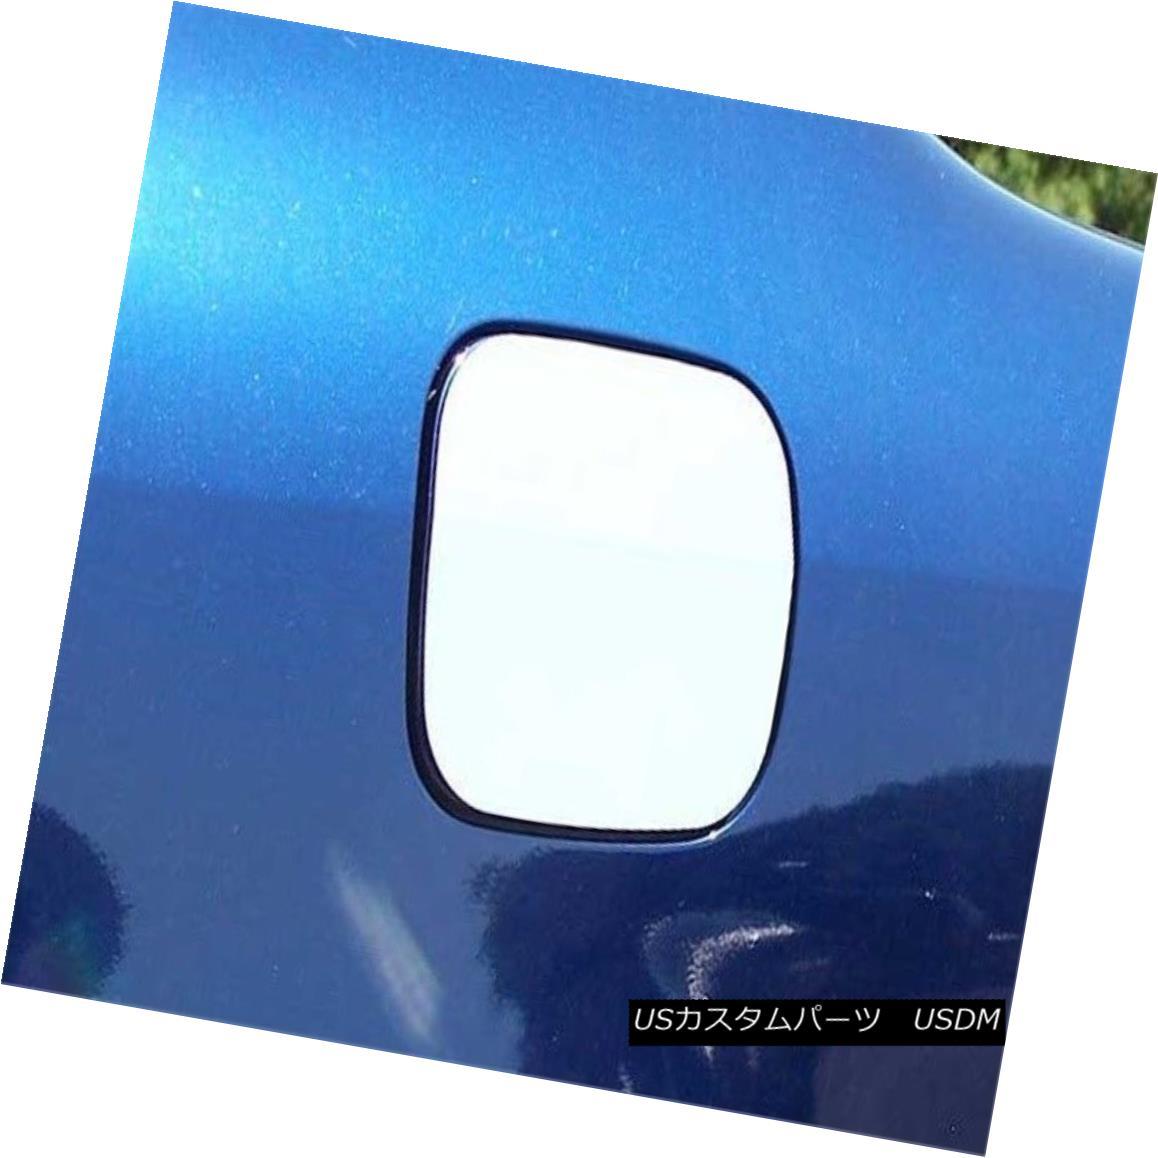 グリル Fits 03-08 TOYOTA COROLLA 4 dr-Stainless Steel GAS CAP DR フィット03-08 TOYOTA COROLLA 4 dr-ステンレススチールGAS CAP DR